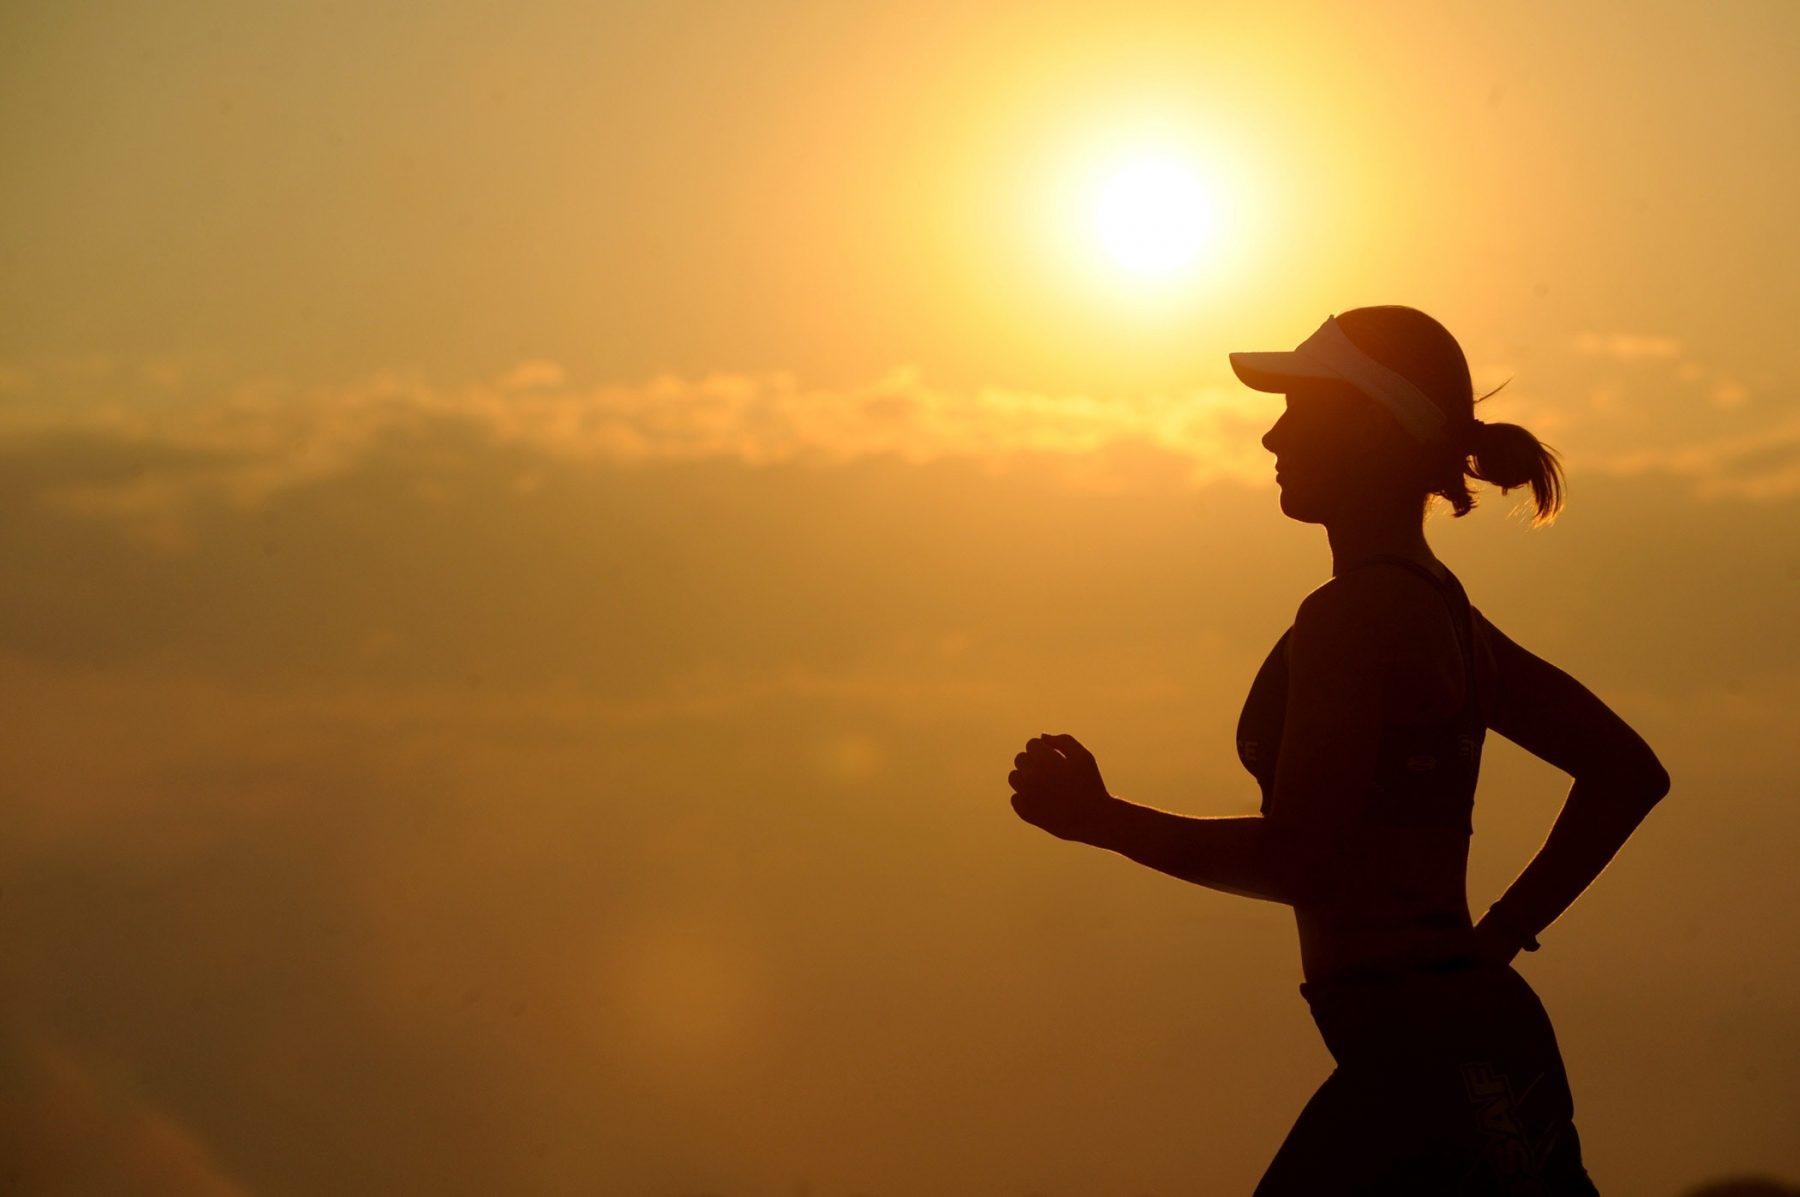 Frau joggt mit dem Sonnenuntergang im Hintergrund.